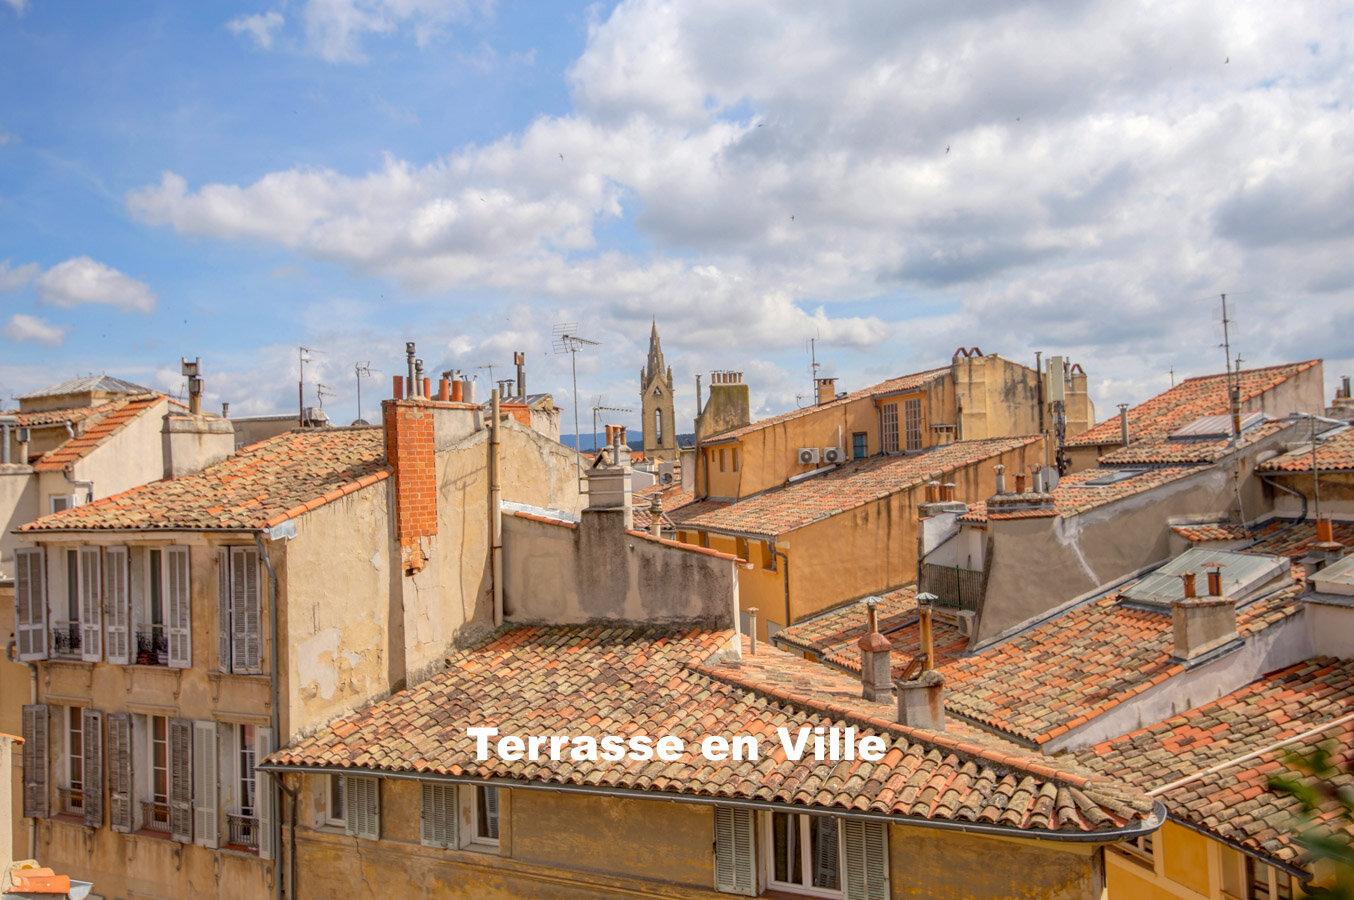 TERRASSE EN VILLE-13.jpg